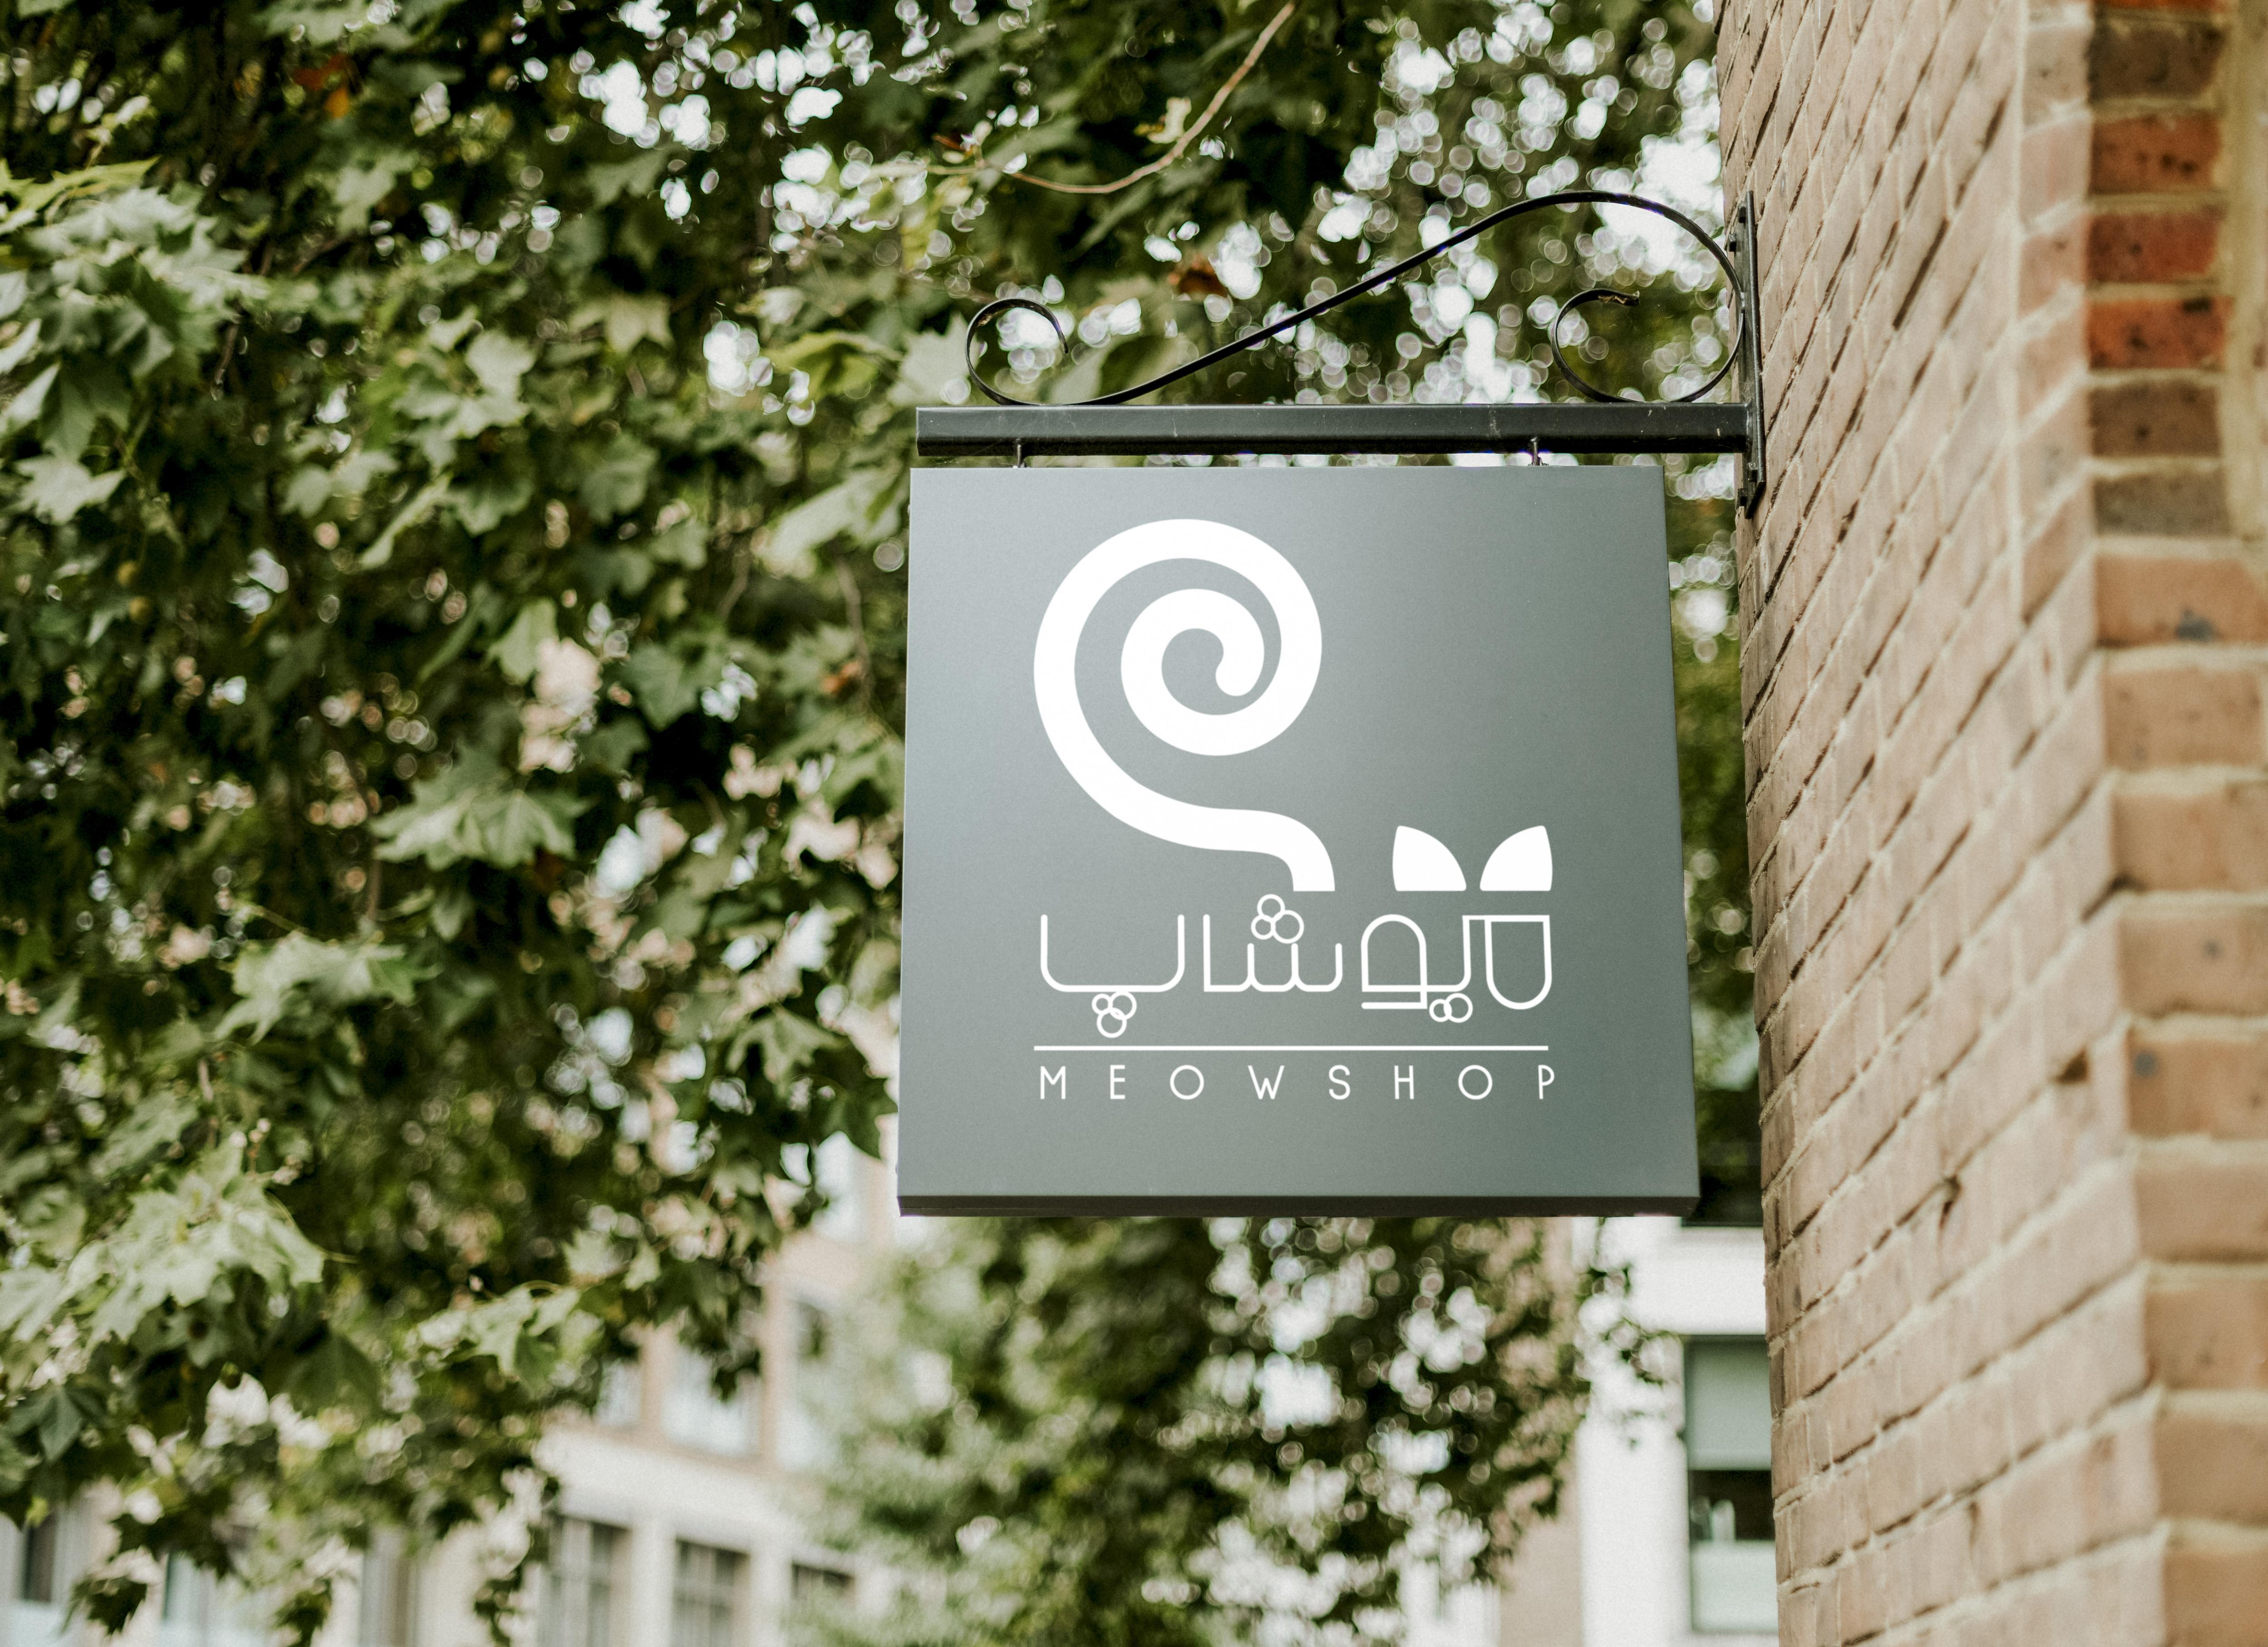 طراحی لوگو فروشگاه میوشاپ